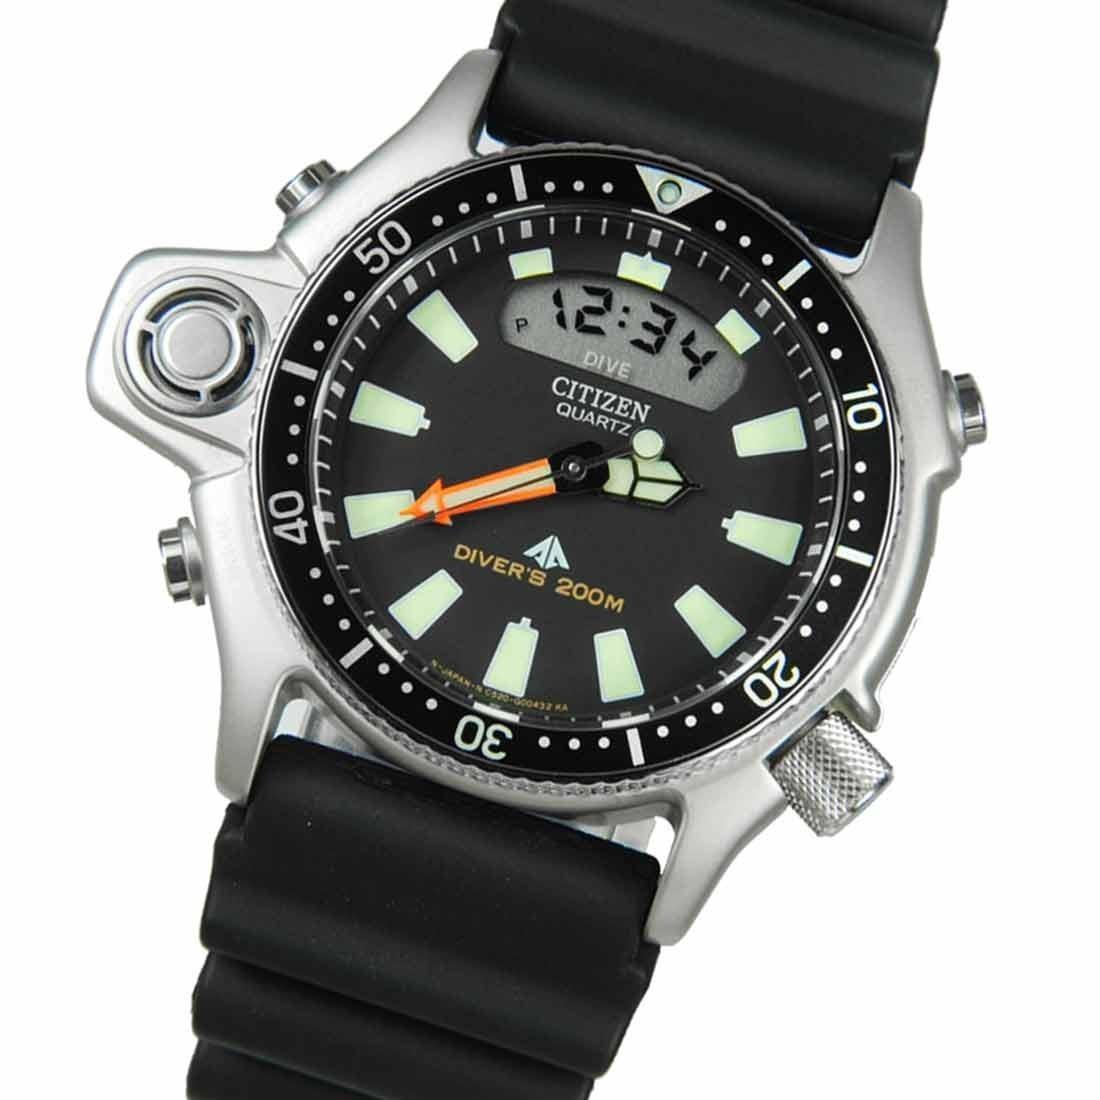 b46adb337ac relógio citizen masculino aqualand jp2000-08e de vitrine. Carregando zoom.